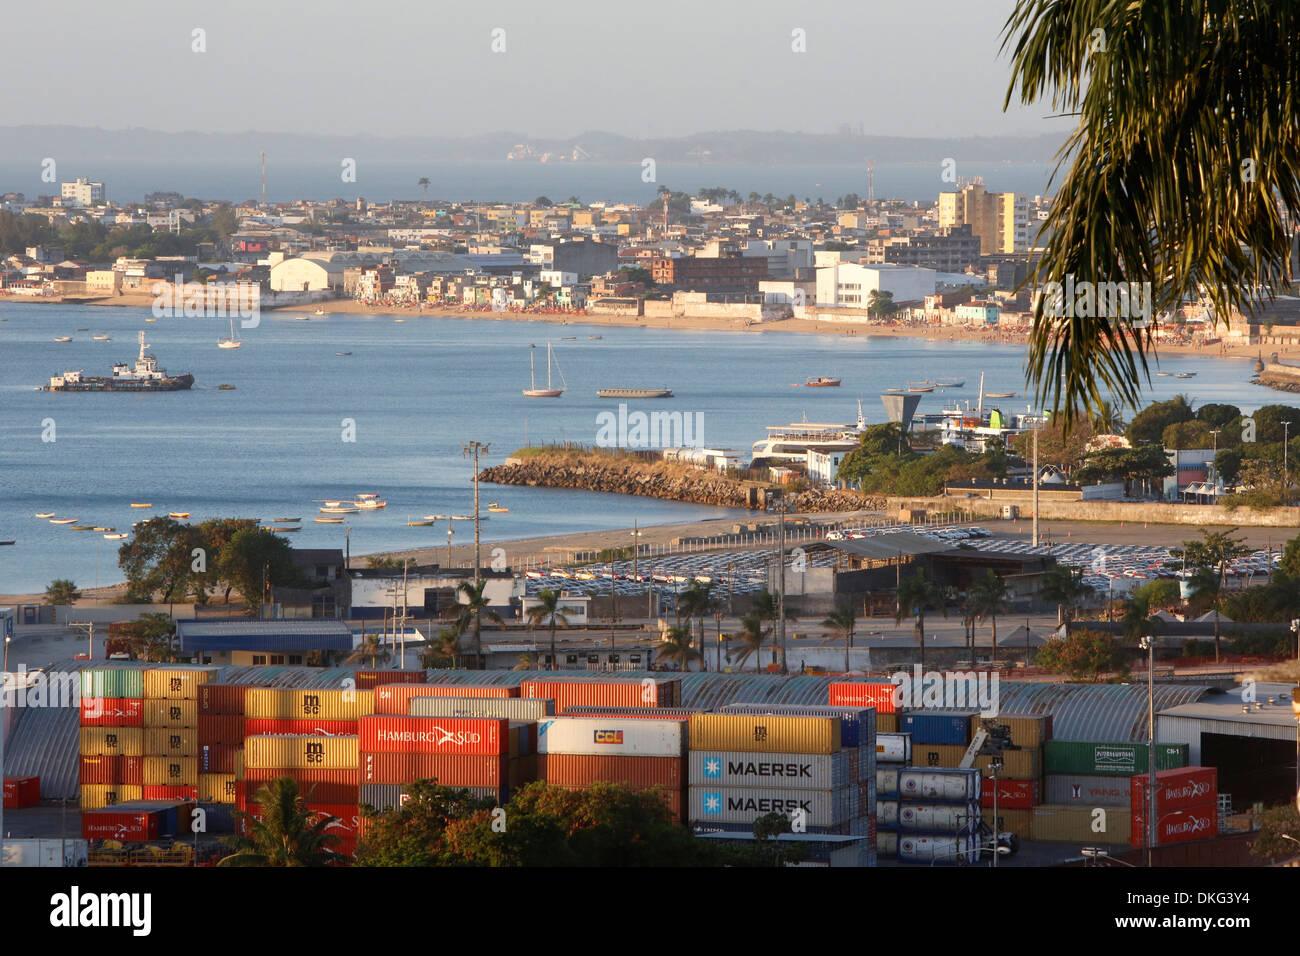 Cargo and ships in Salvador Bay, Salvador, Bahia, Brrazil, South America - Stock Image